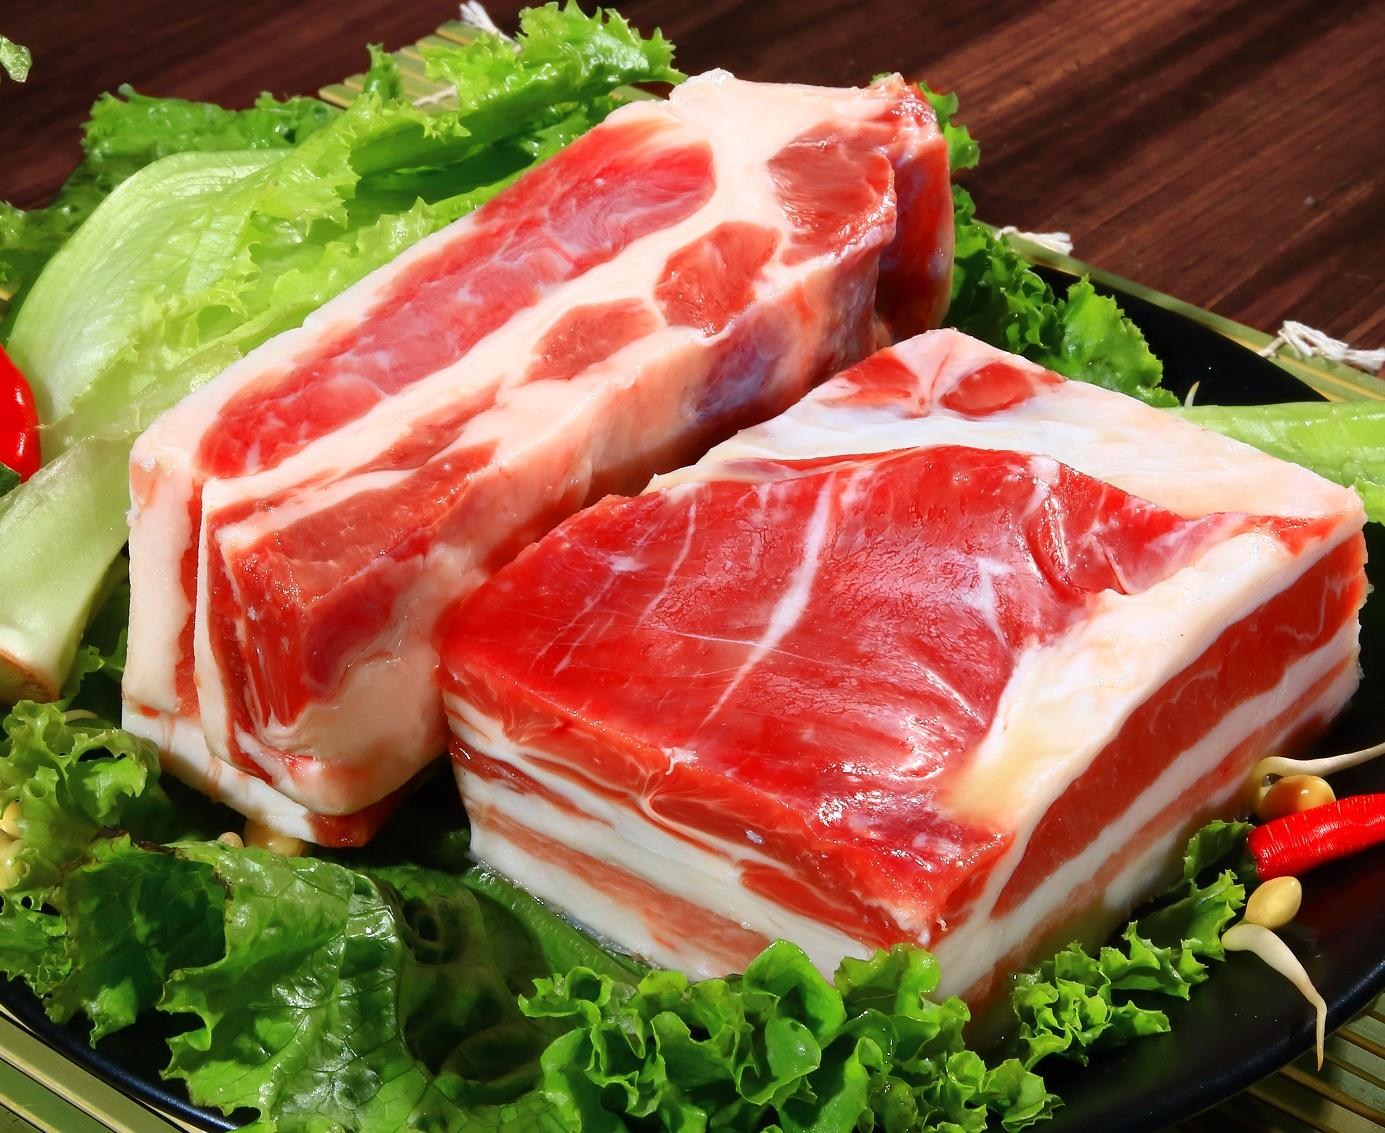 20余万吨进口猪肉陆续到港,储备肉投放达23万吨,道路打通、各地复工能否支撑猪价走强?